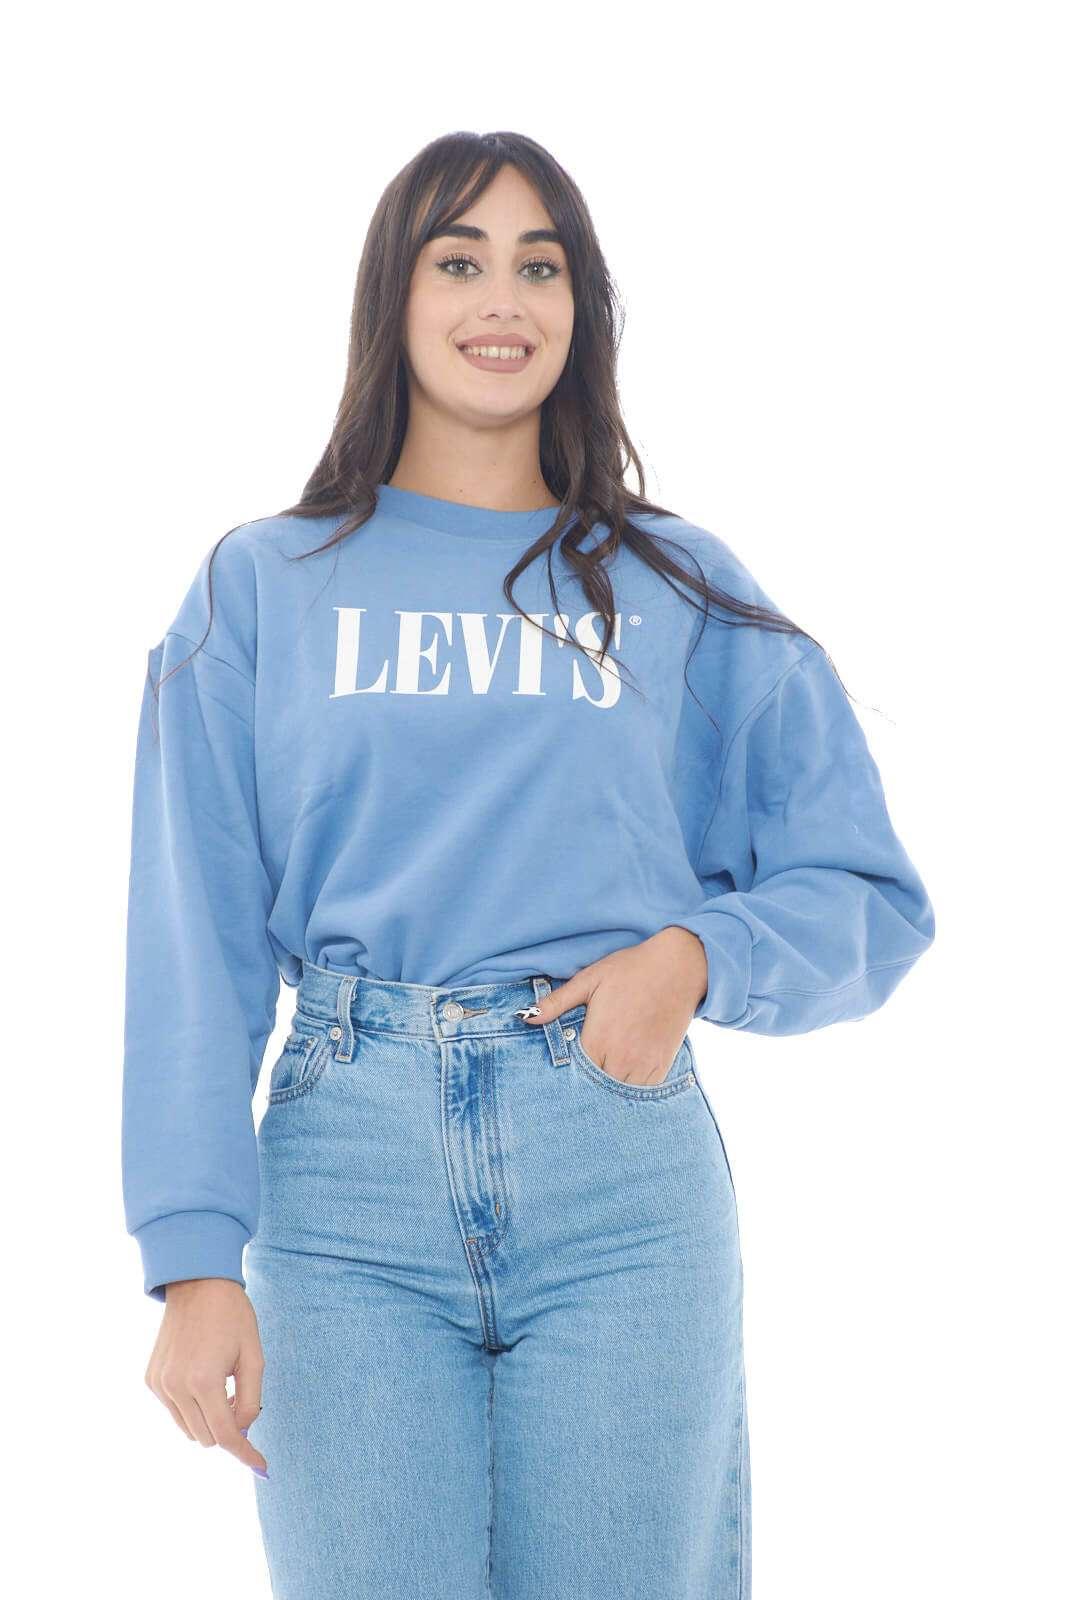 Scopri la nuova felpa donna firmata dalla collection autunno inverno di Levi's. Il taglio alla vita permette di indossarla con un jeans o una gonna a vita alta. Perfetta per i look più sbarazzini si impone nello sportwear.